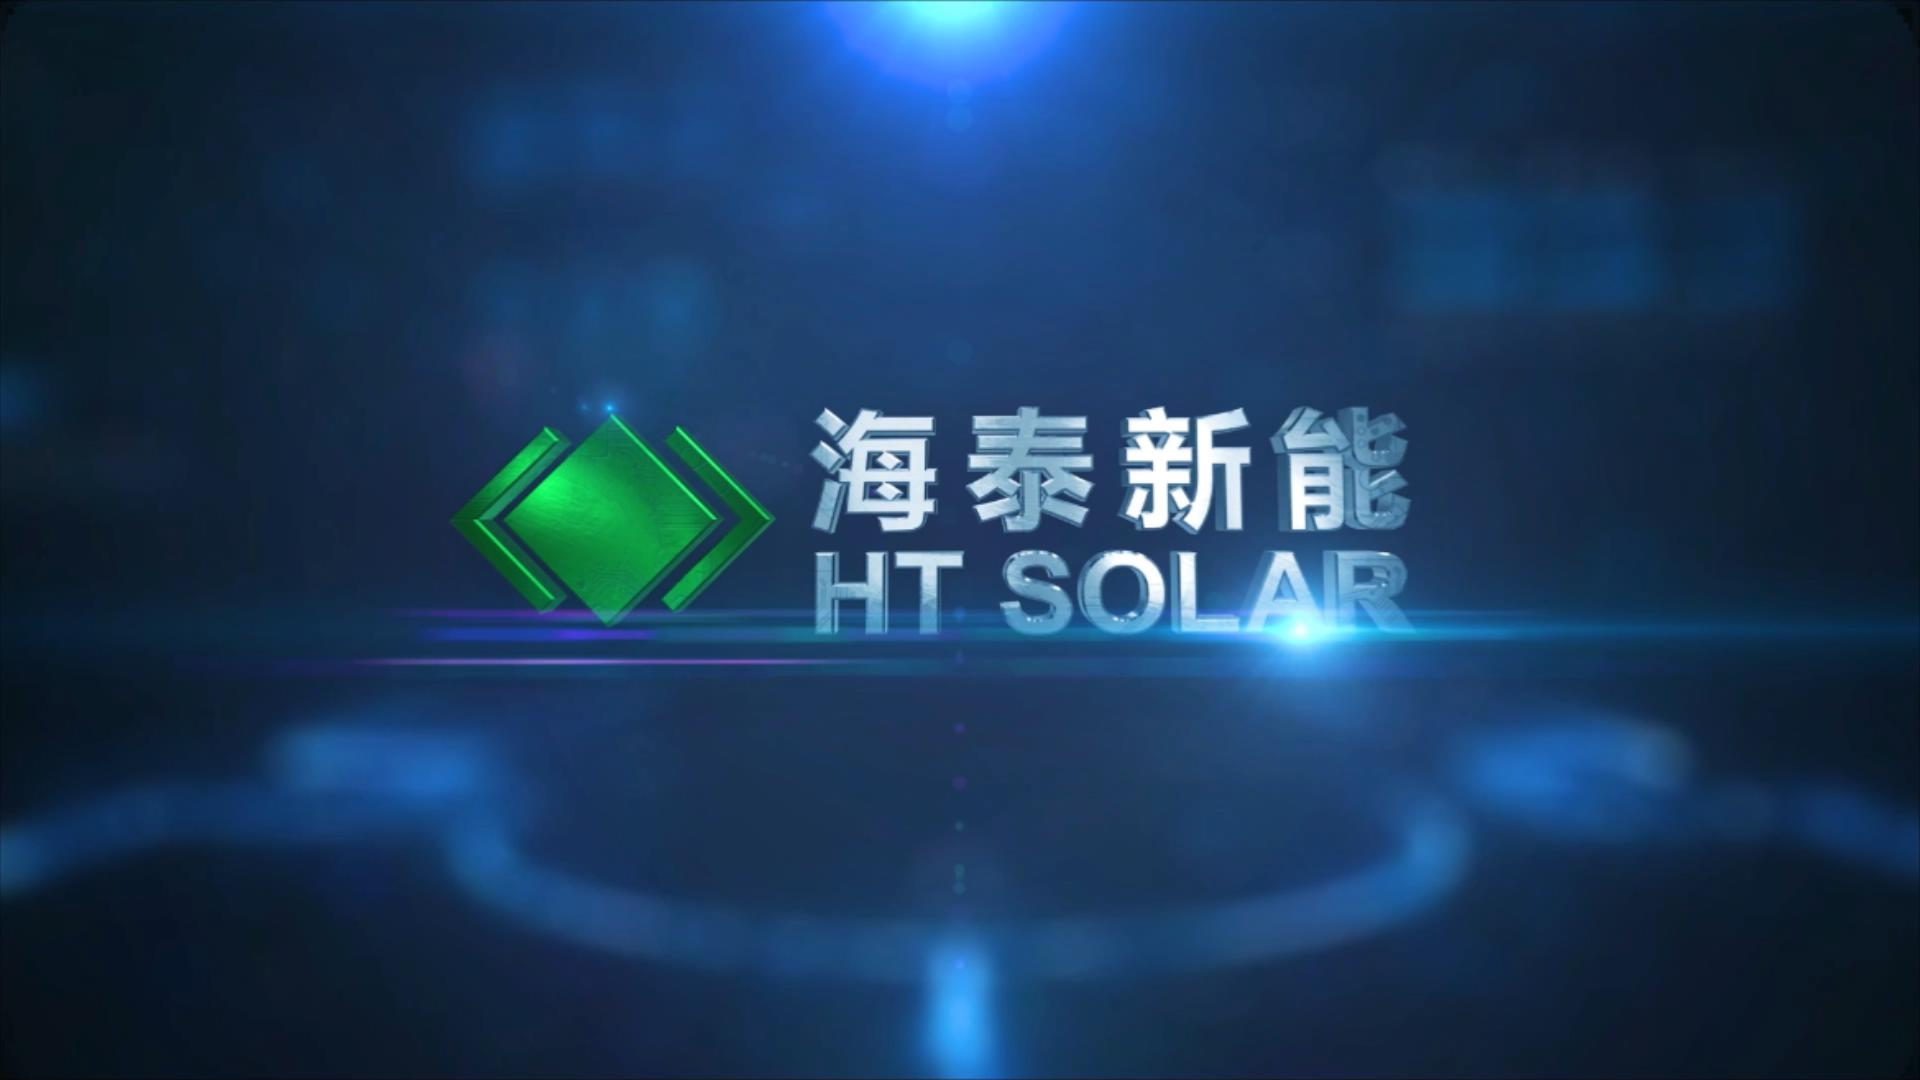 上海企业宣传片后期制作经验技巧